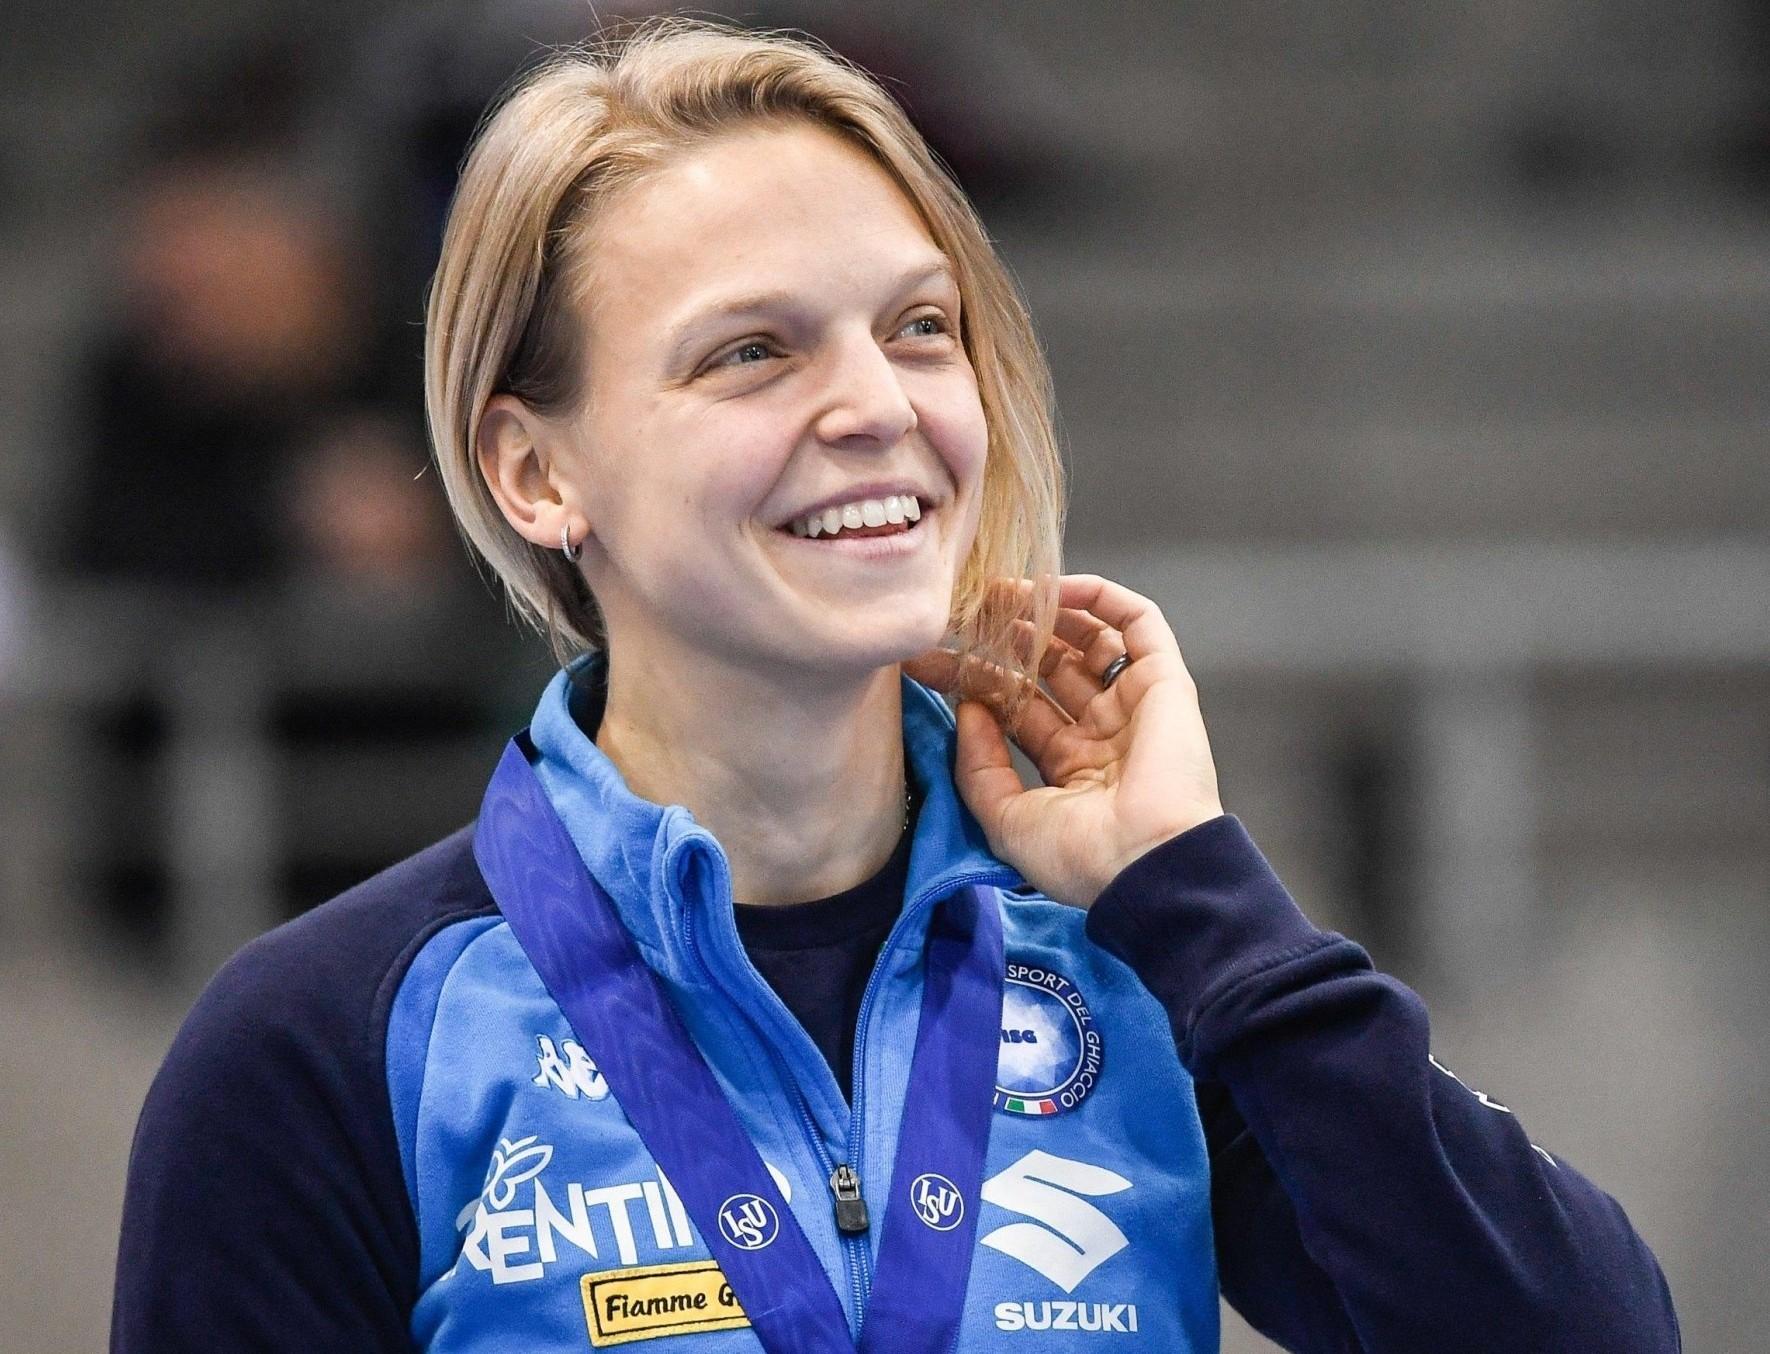 Arianna Fontana, qui con la medaglia d'oro al collo vinta nei 1000 metri short track agli Europei di Dresda